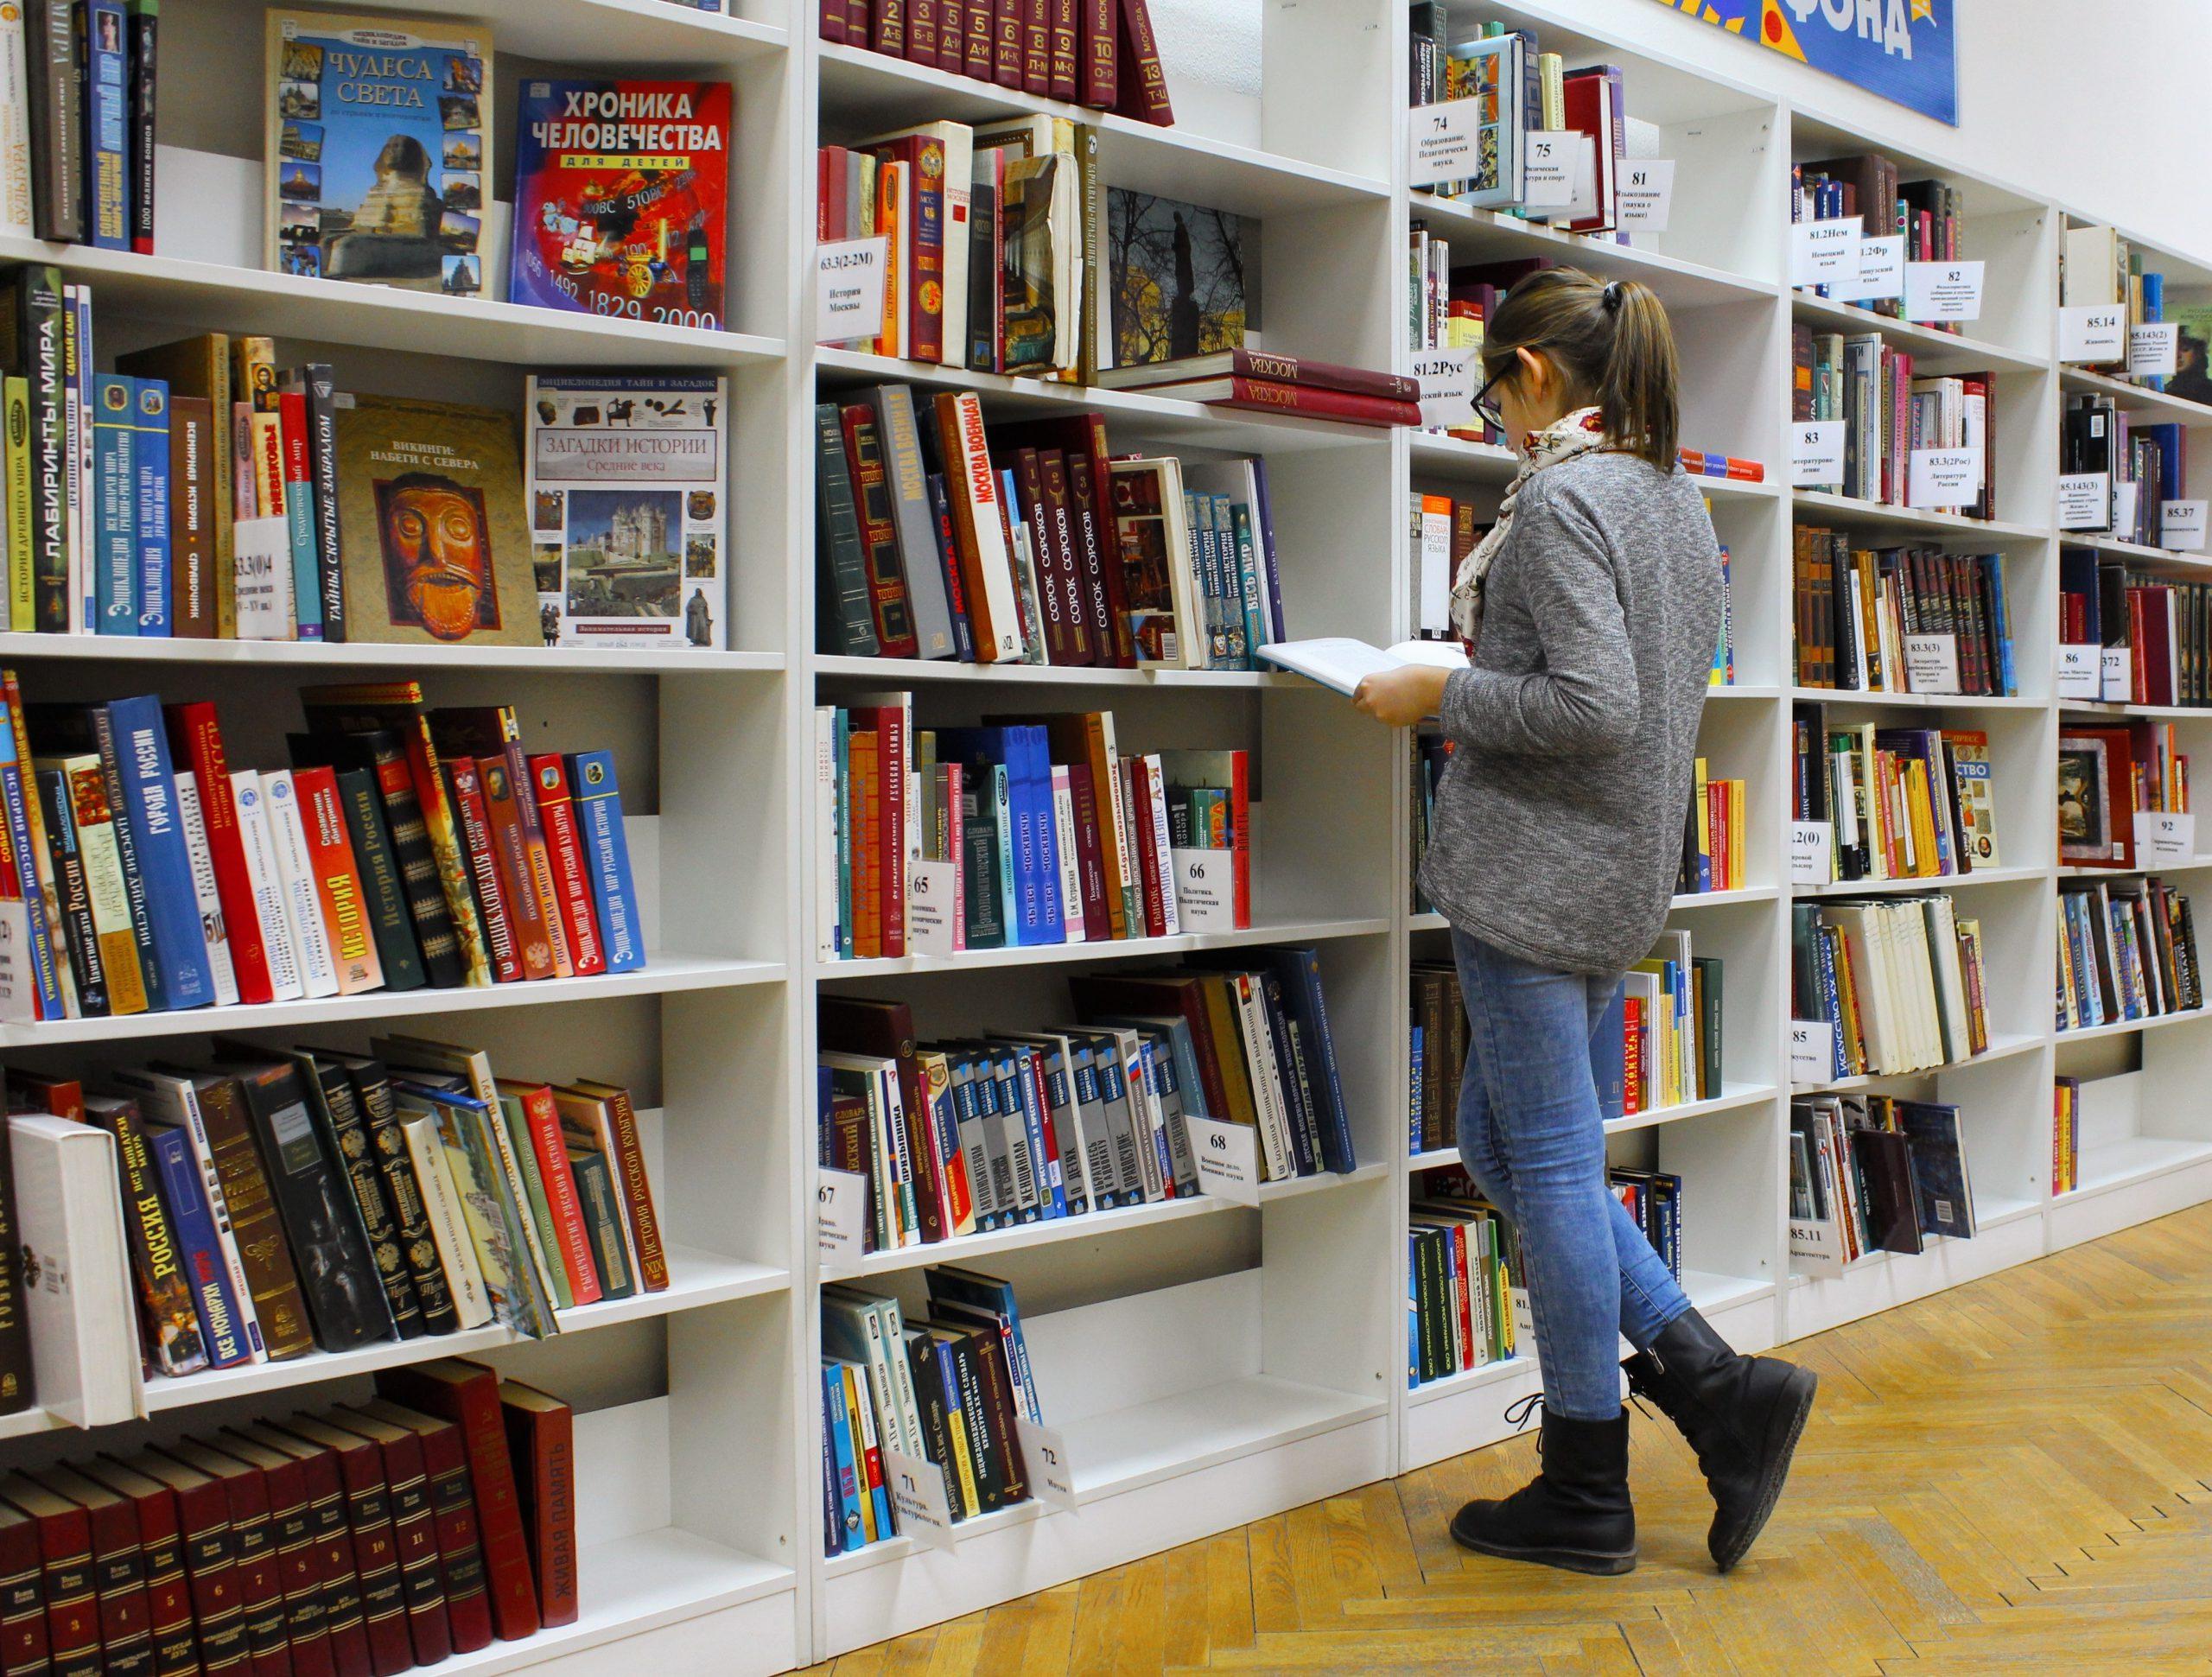 Kvinna står framför flera bokhyllor fyllda med böcker